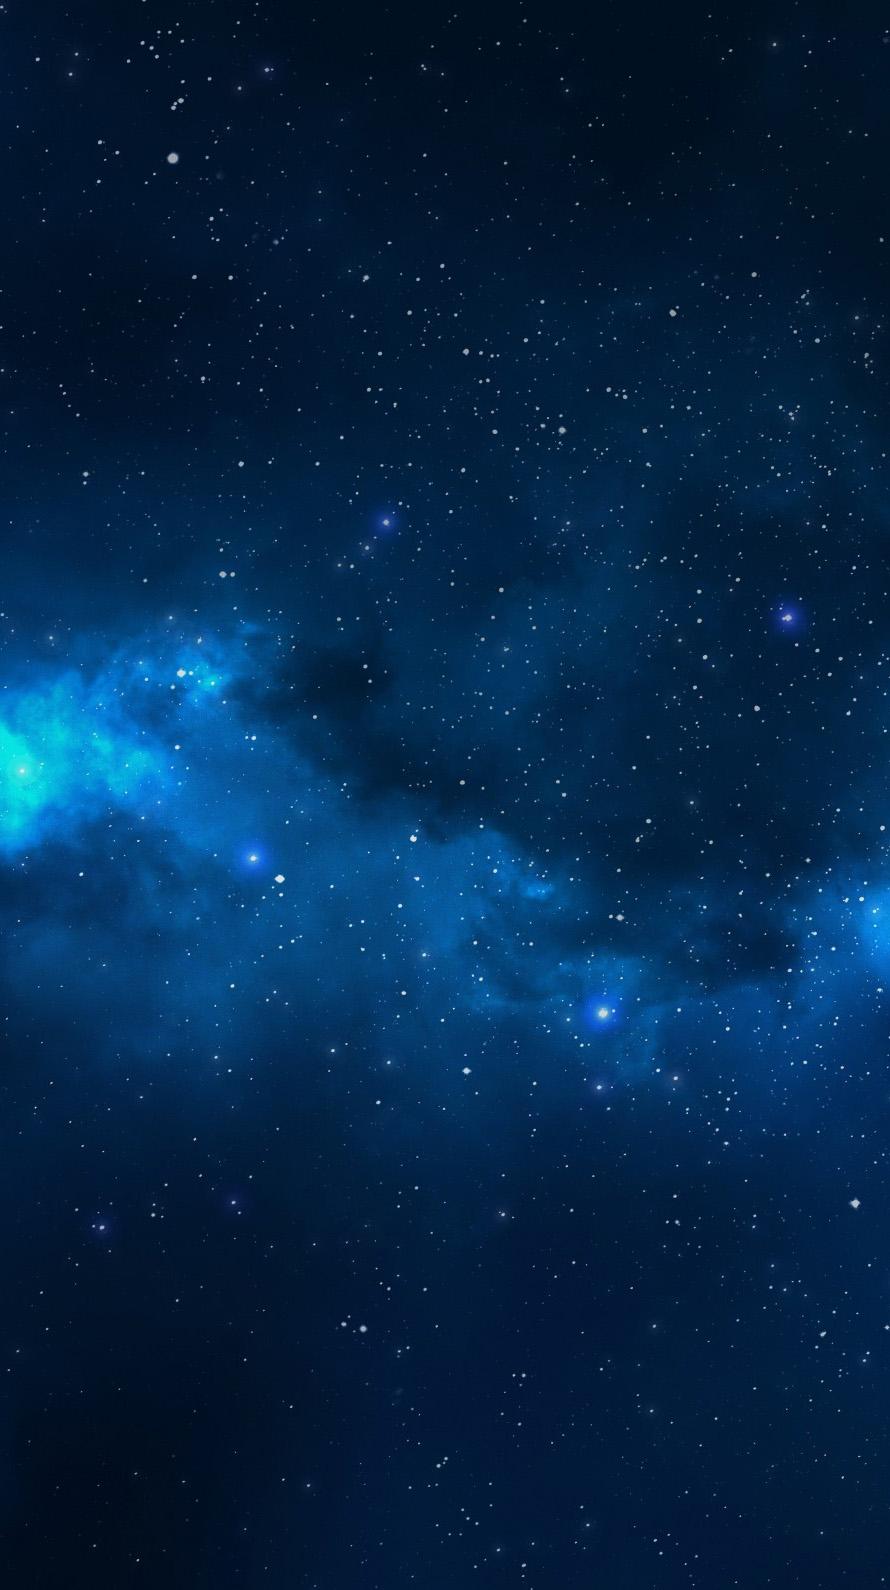 青い満天の星空 iPhone6壁紙